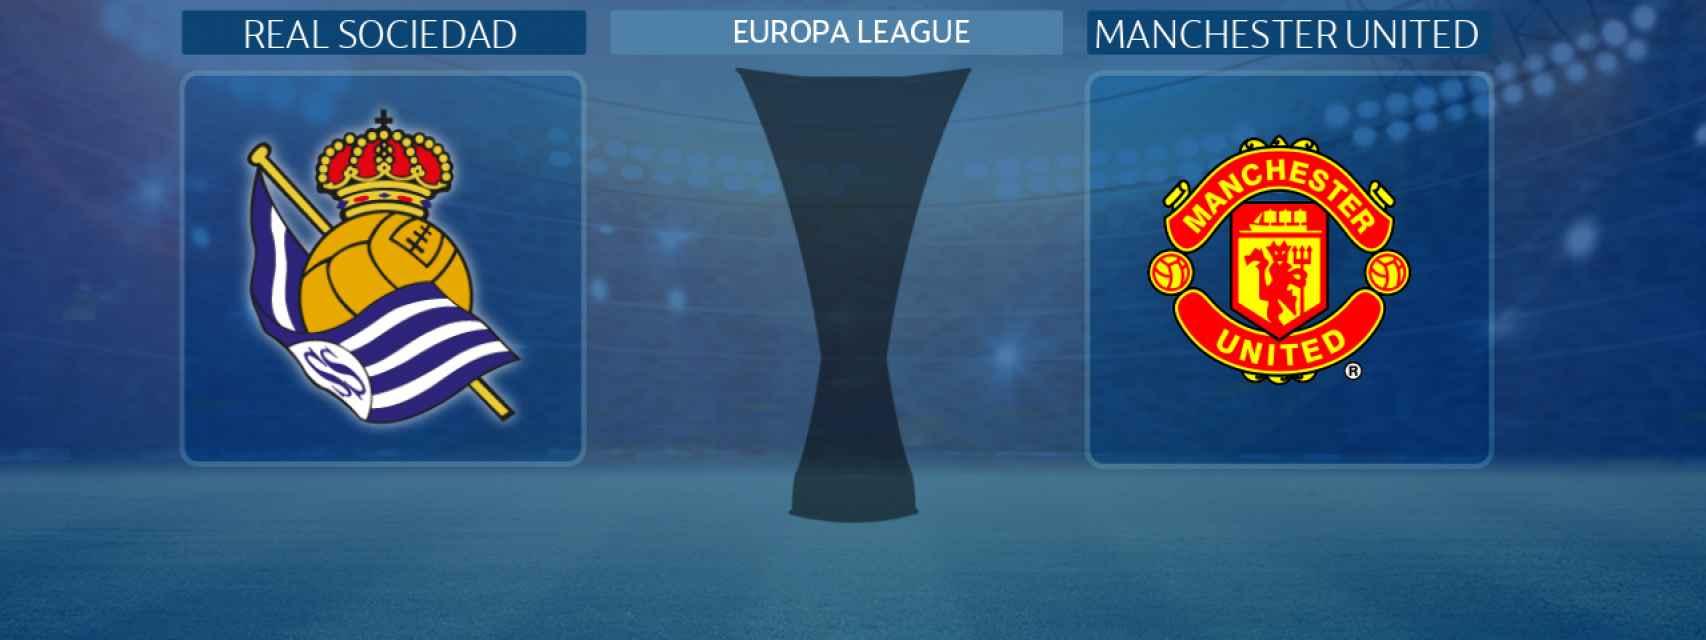 Real Sociedad - Manchester United, partido de laEuropa League